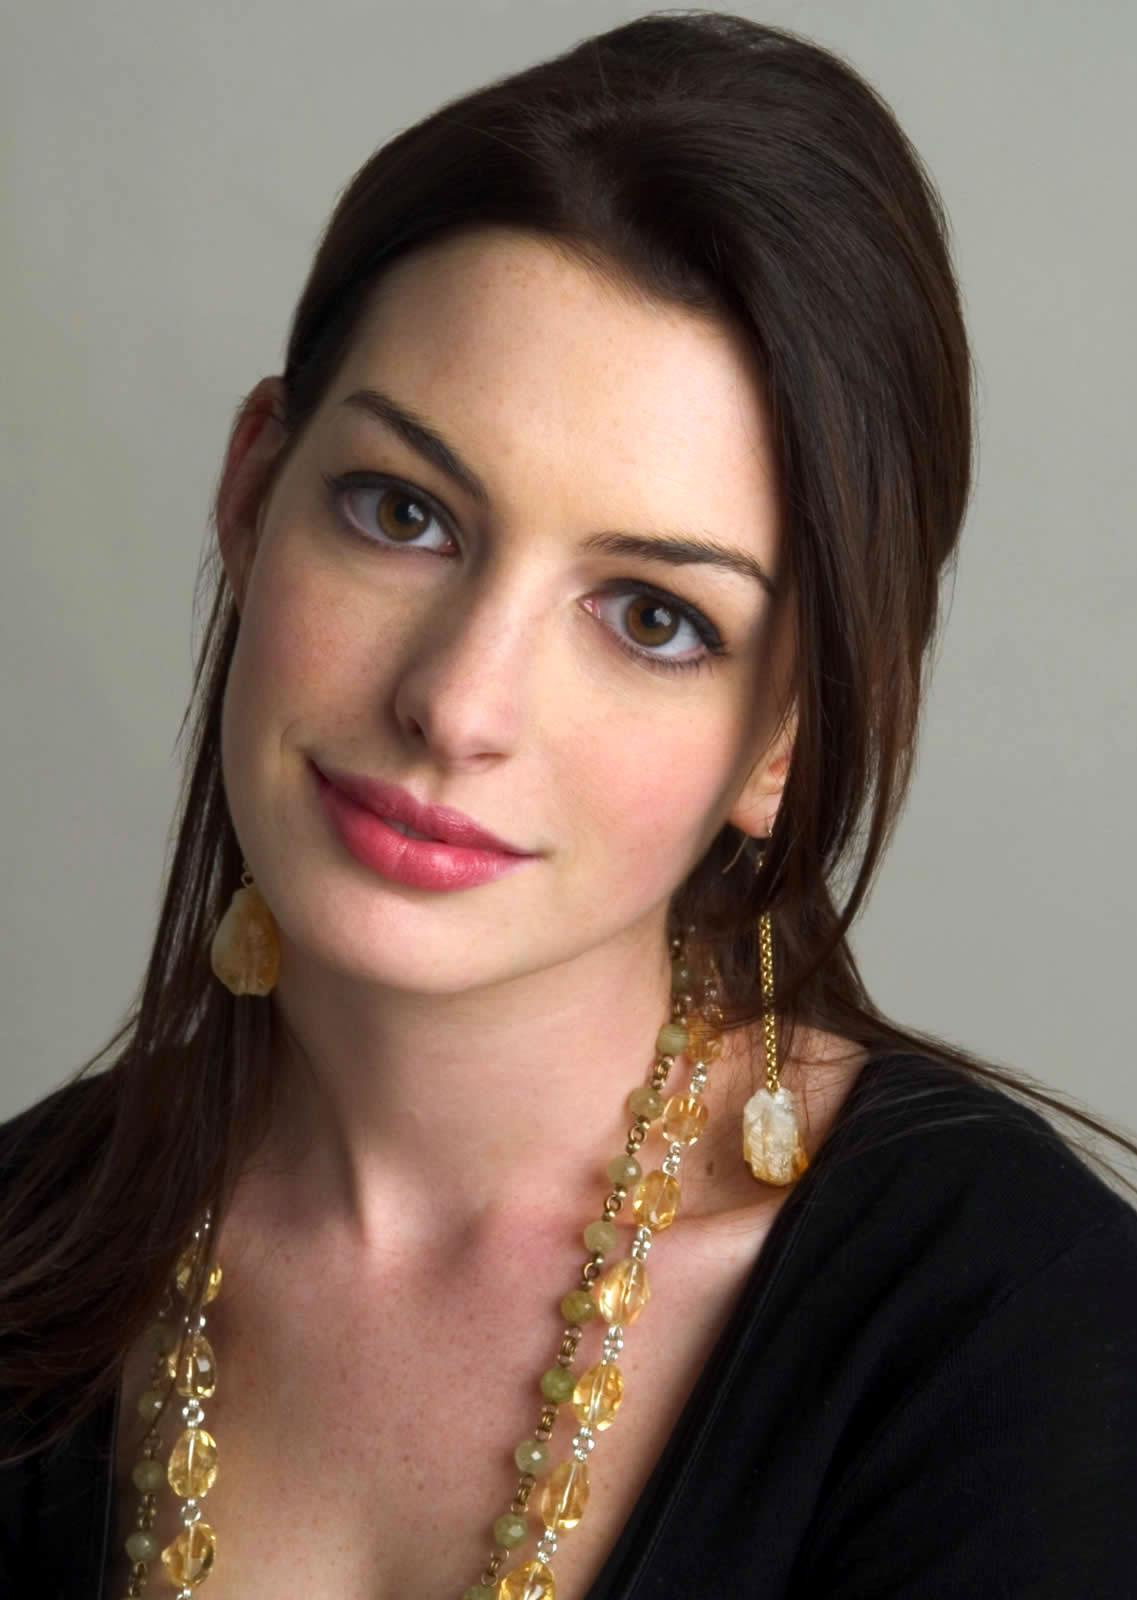 Anne-Hathaway-anne-hathaway-548747_1137_1600